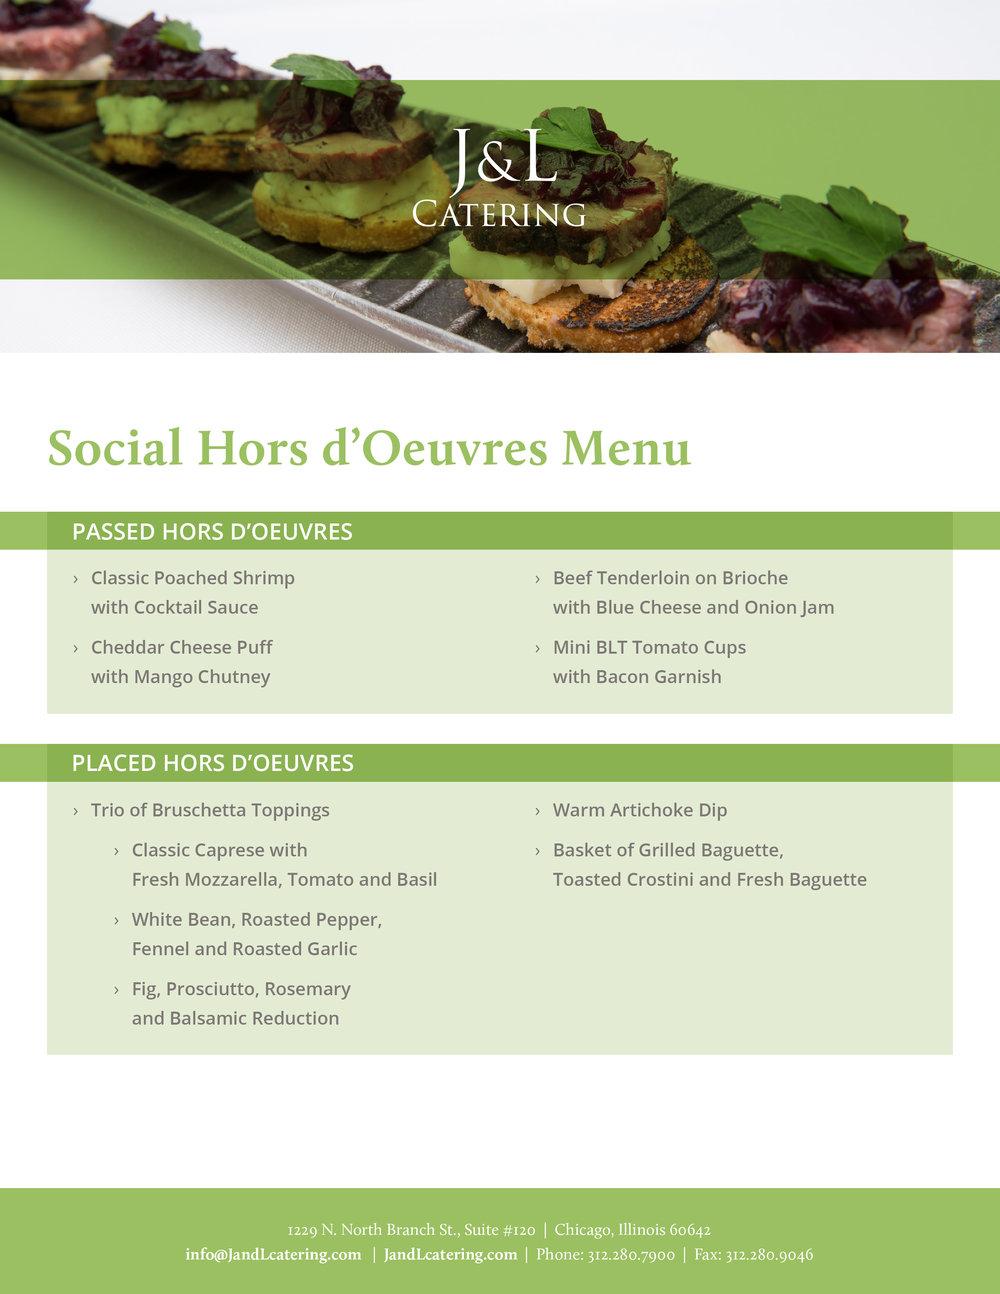 J&L_SocialHorsdOeuvresMenu.jpg